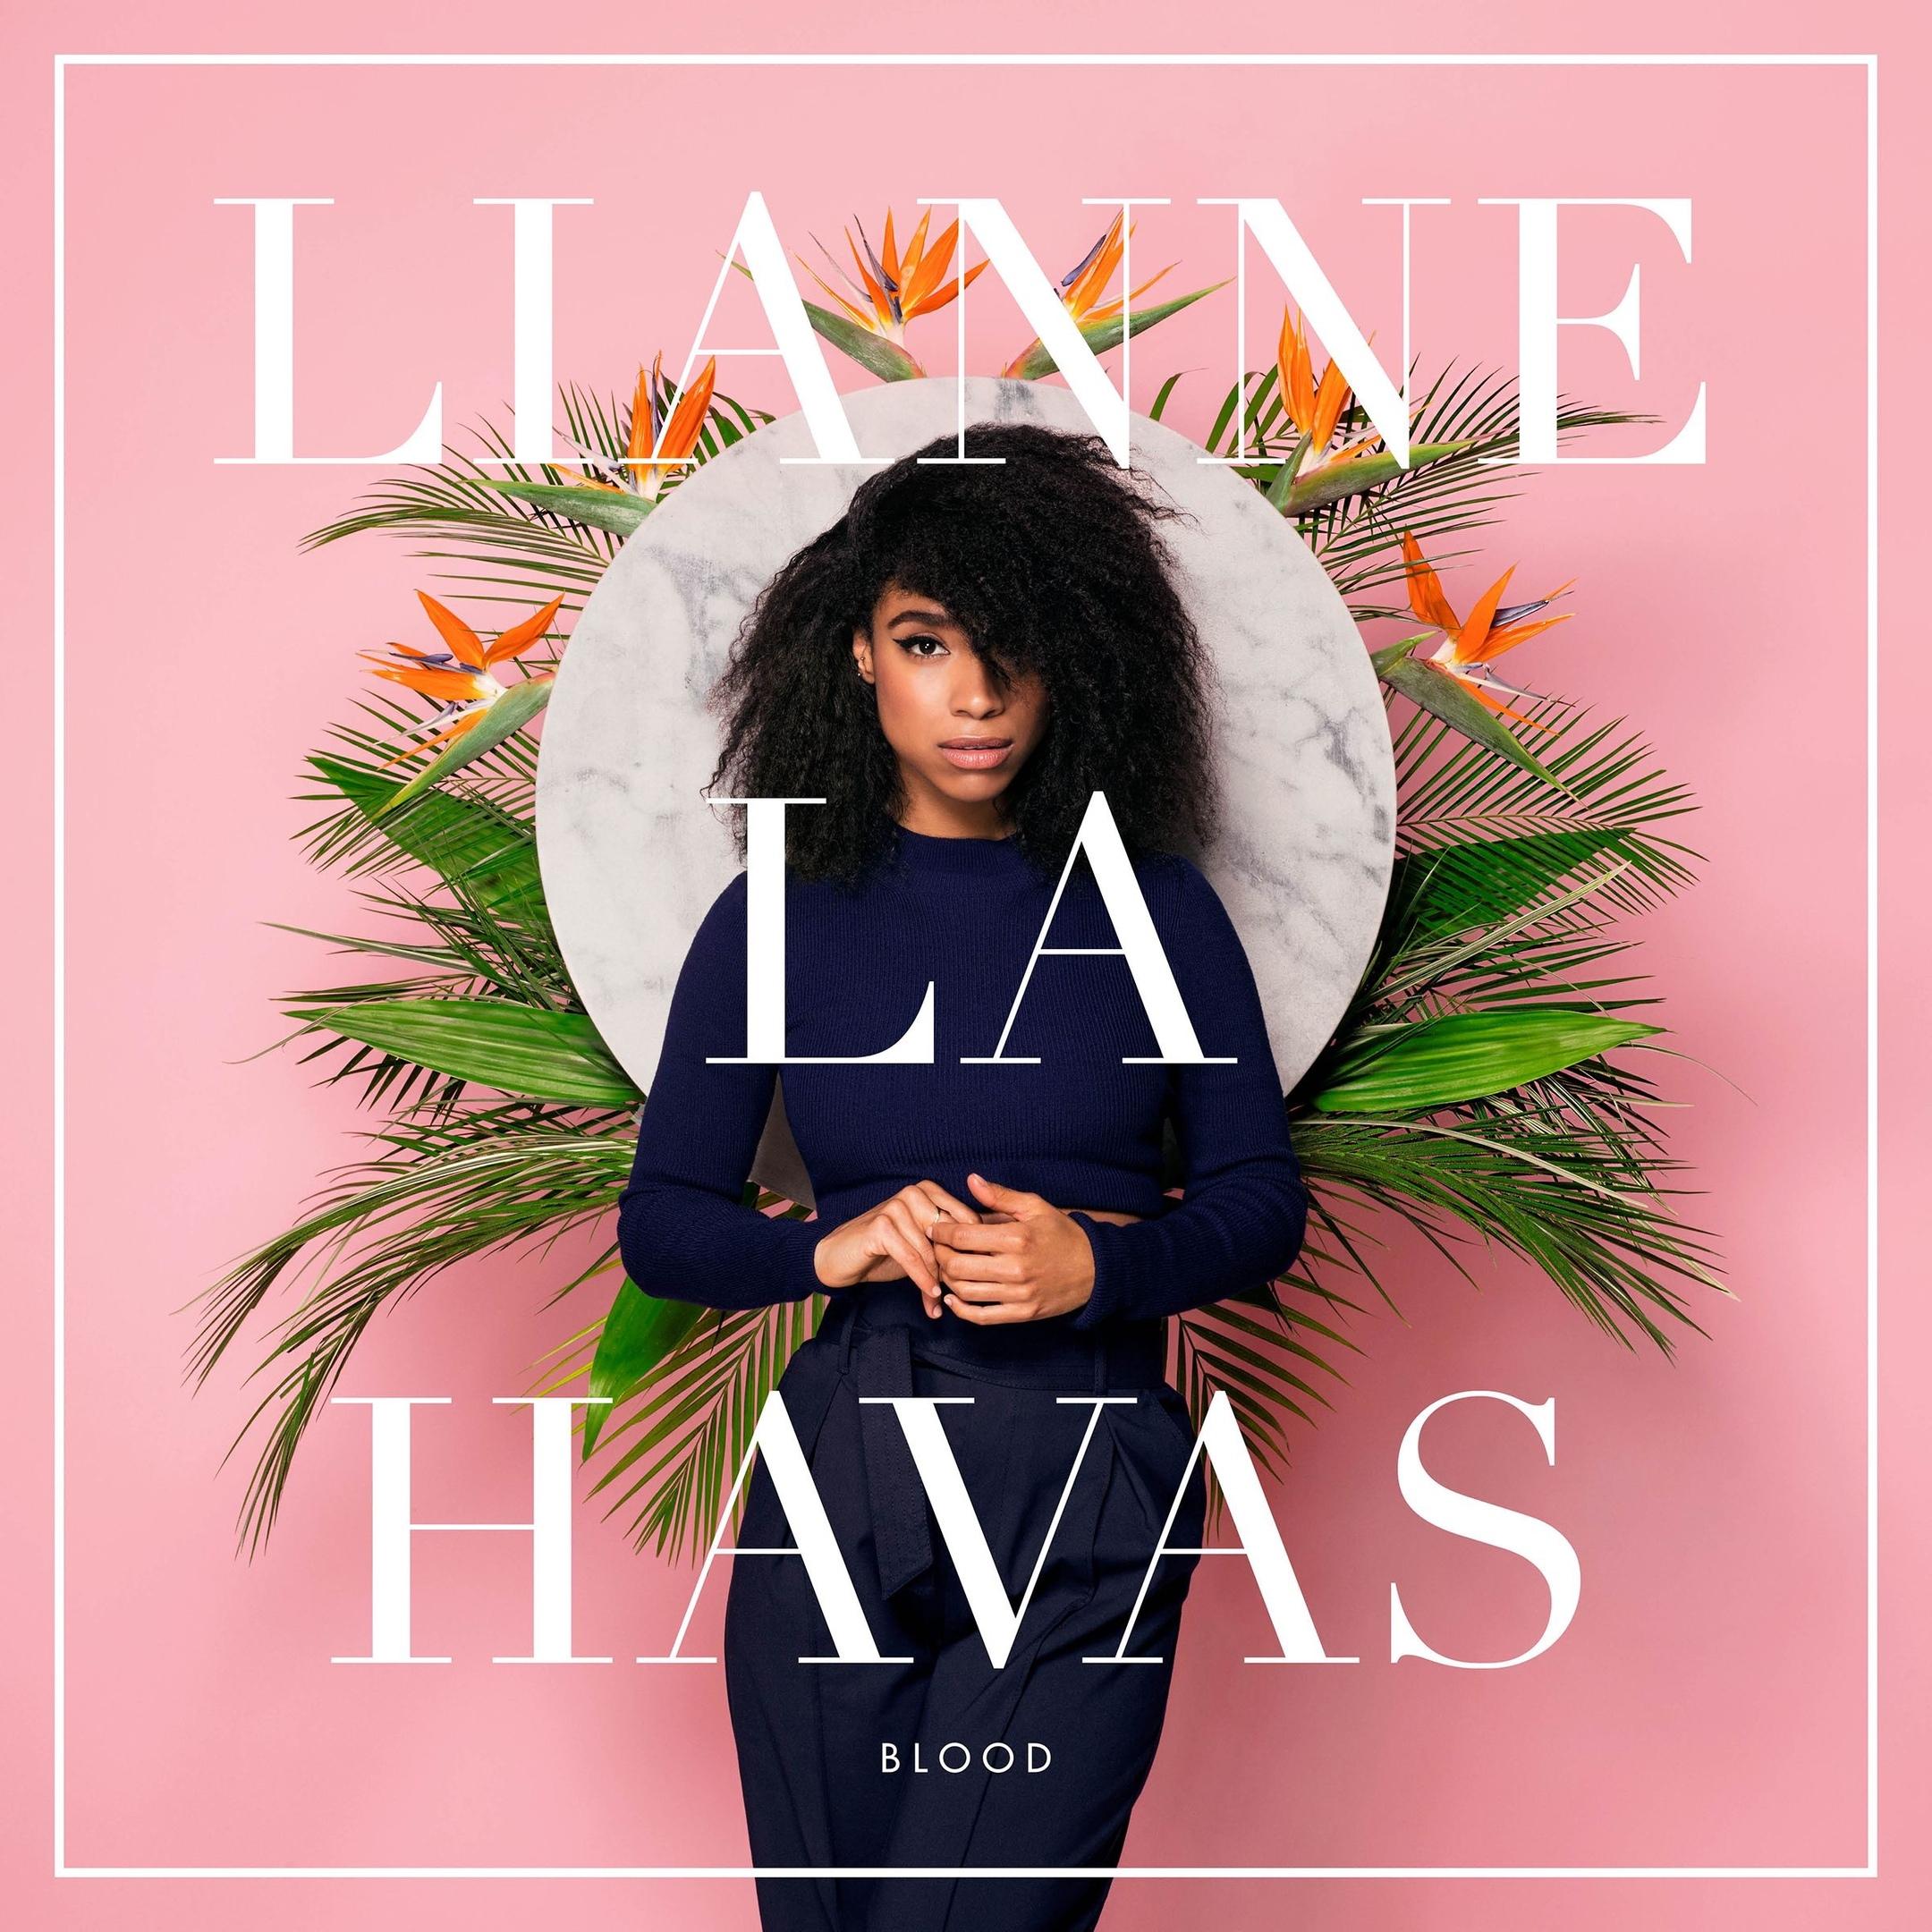 Lianne La Havas